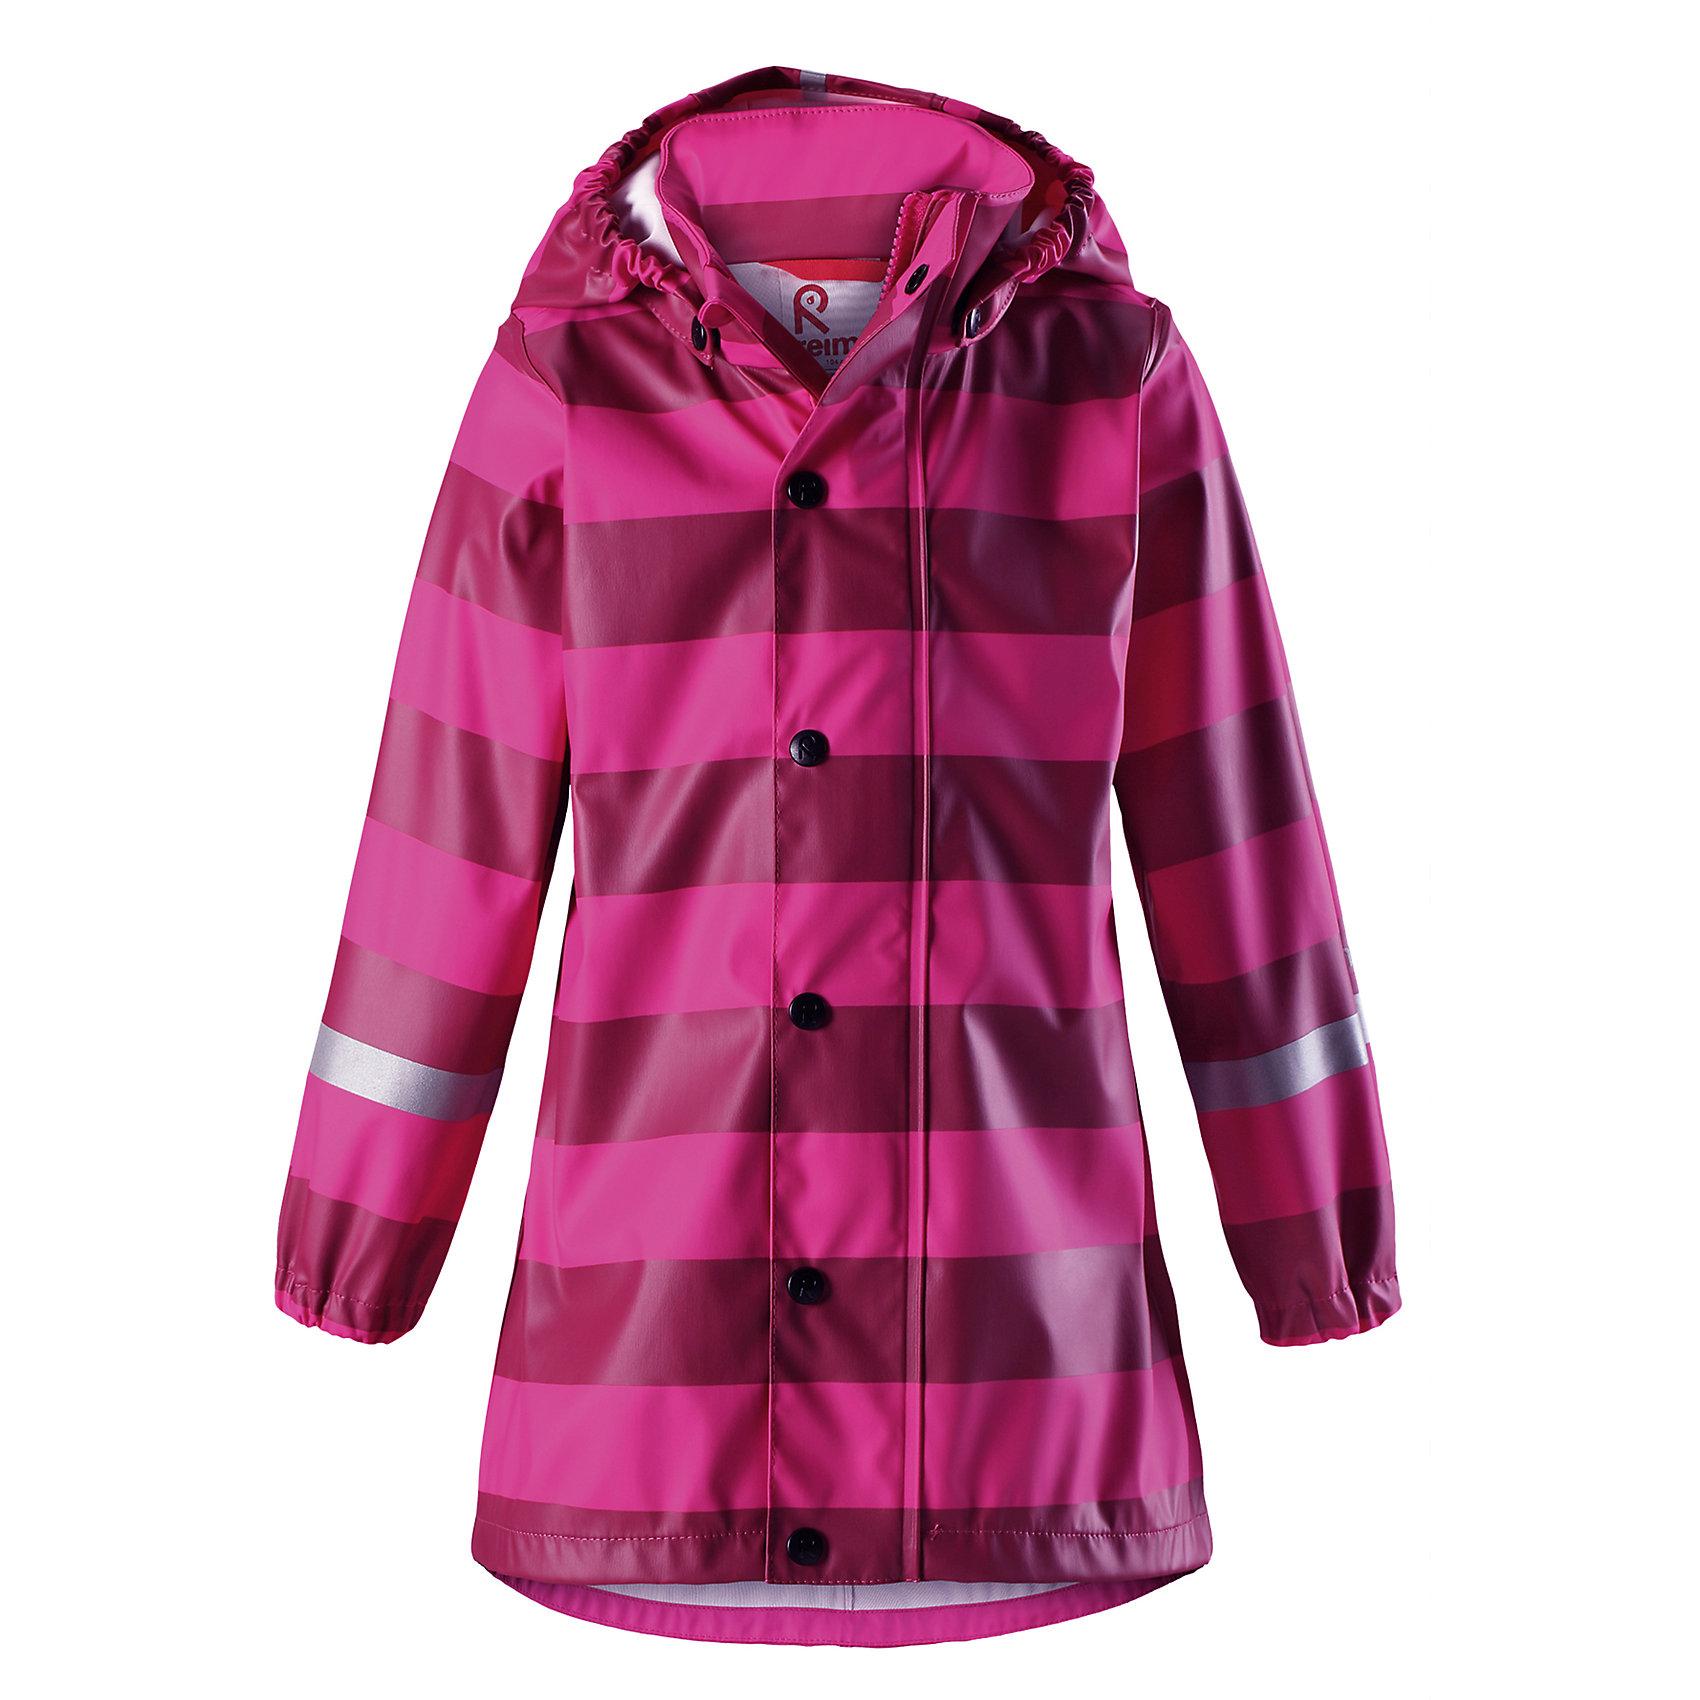 Плащ-дождевик Reima Vatten для девочкиОдежда<br>Характеристики товара:<br><br>• цвет: розовый;<br>• состав: 100% полиэстер;<br>• подкладка: 100% полиэстер;<br>• утеплитель: 160 г/м2<br>• температурный режим: от +15 до -15С;<br>• сезон: демисезон; <br>• запаянные швы, не пропускающие влагу;<br>• эластичный материал;<br>• без ПВХ;<br>• гладкая подкладка из полиэстера;<br>• эластичные манжеты;<br>• застежка: молния с дополнительной планкой на кнопках;<br>• безопасный съемный капюшон;<br>• трапециевидная форма с удлиненным сзади подолом;<br>• светоотражающие детали;<br>• страна бренда: Финляндия;<br>• страна изготовитель: Китай.<br><br>Куртка-дождевик изготовлена из удобного, эластичного материала, не содержащего ПВХ. Швы запаяны и абсолютно водонепроницаемы. Новый трапециевидный силуэт с удлиненной спинкой обеспечивает эффективную защиту от дождя. <br>Куртка-дождевик не деревенеет на морозе, поэтому ее можно носить круглый год – просто добавьте в холодную погоду теплый промежуточный слой. Съемный капюшон защитит даже от ливня, при этом он безопасен во время прогулок в дождливый день. Молния спереди во всю длину и множество светоотражающих деталей.<br><br><br>Плащ-дождевик Vatten для девочки Reima от финского бренда Reima (Рейма) можно купить в нашем интернет-магазине.<br><br>Ширина мм: 356<br>Глубина мм: 10<br>Высота мм: 245<br>Вес г: 519<br>Цвет: розовый<br>Возраст от месяцев: 108<br>Возраст до месяцев: 120<br>Пол: Женский<br>Возраст: Детский<br>Размер: 140,104,110,116,122,128,134<br>SKU: 6907720